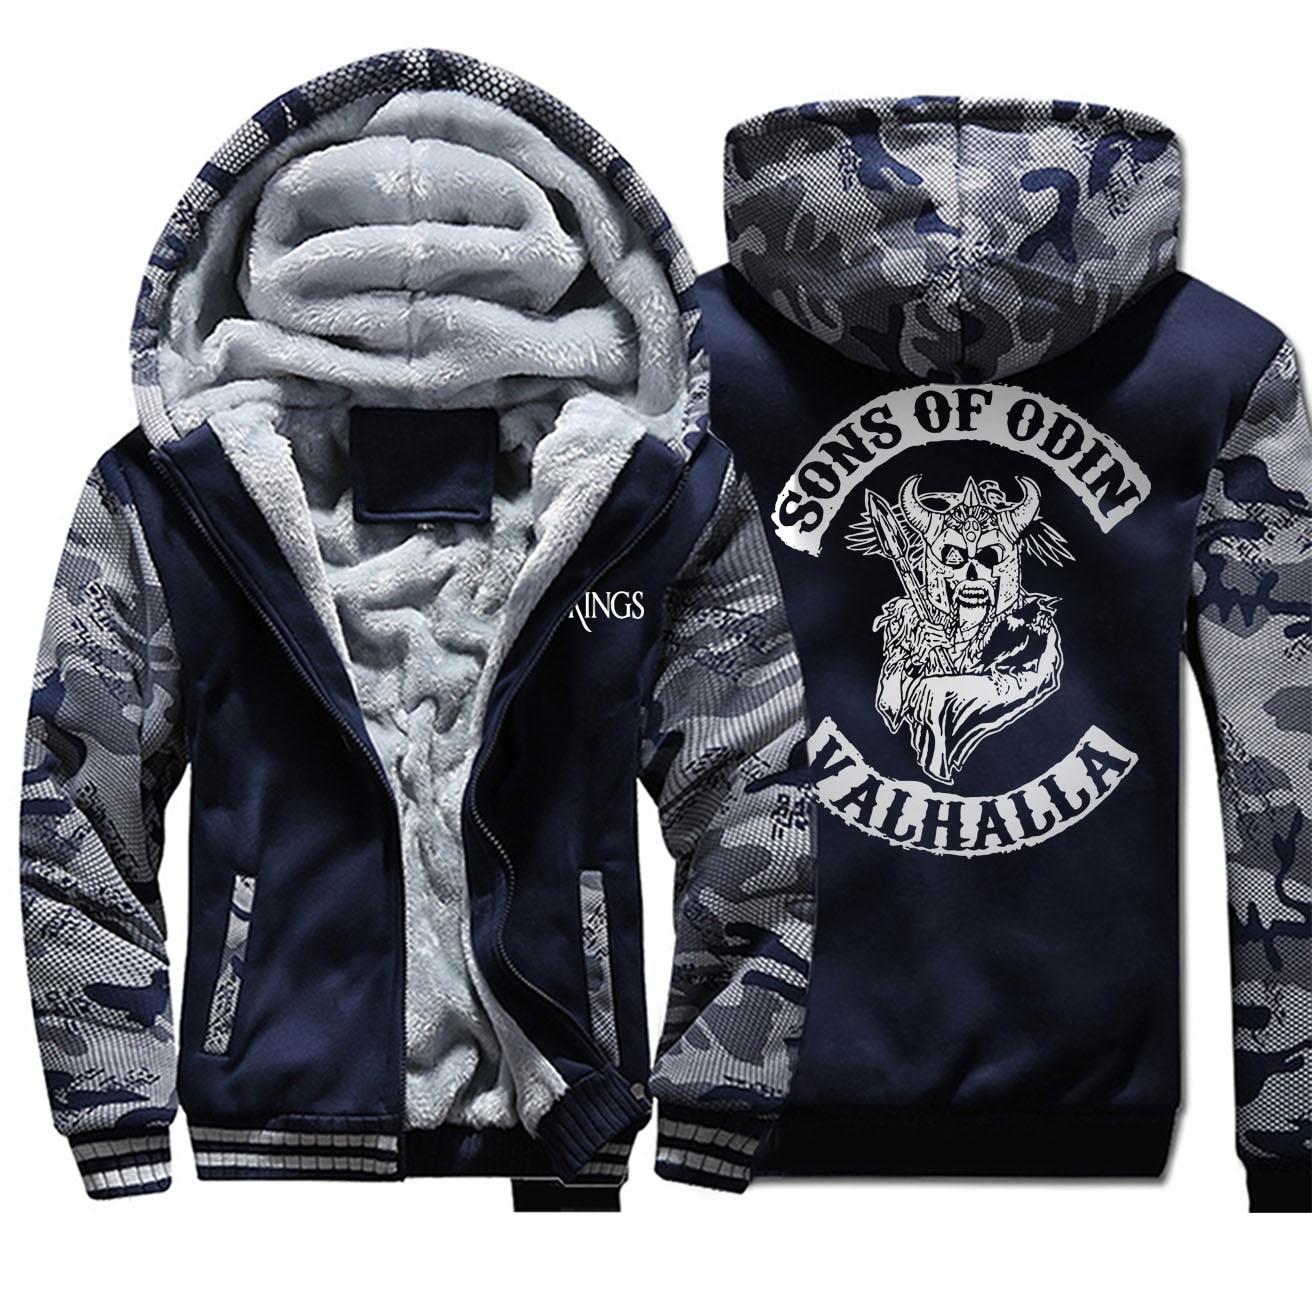 Odin Vikings Jackets Men Son Of Odin Hoodies Valhalla Sweatshirt Men Winter Thick Coats Sportswear Camo Sons Of VikingOutwear